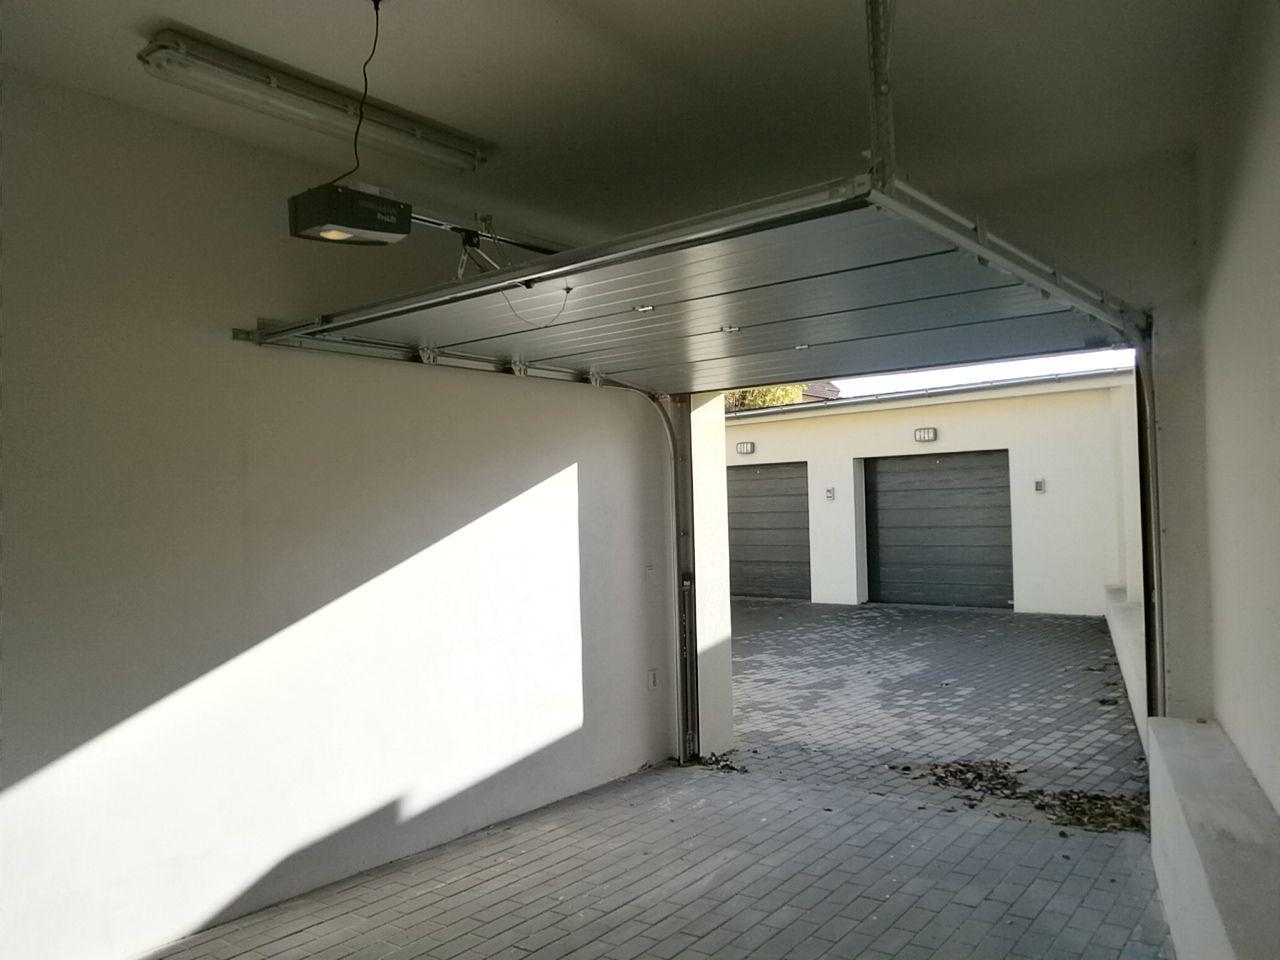 Pronájem samostatné garáže, 17 m2, Praha 8 Kobylisy, Zenklova ulice